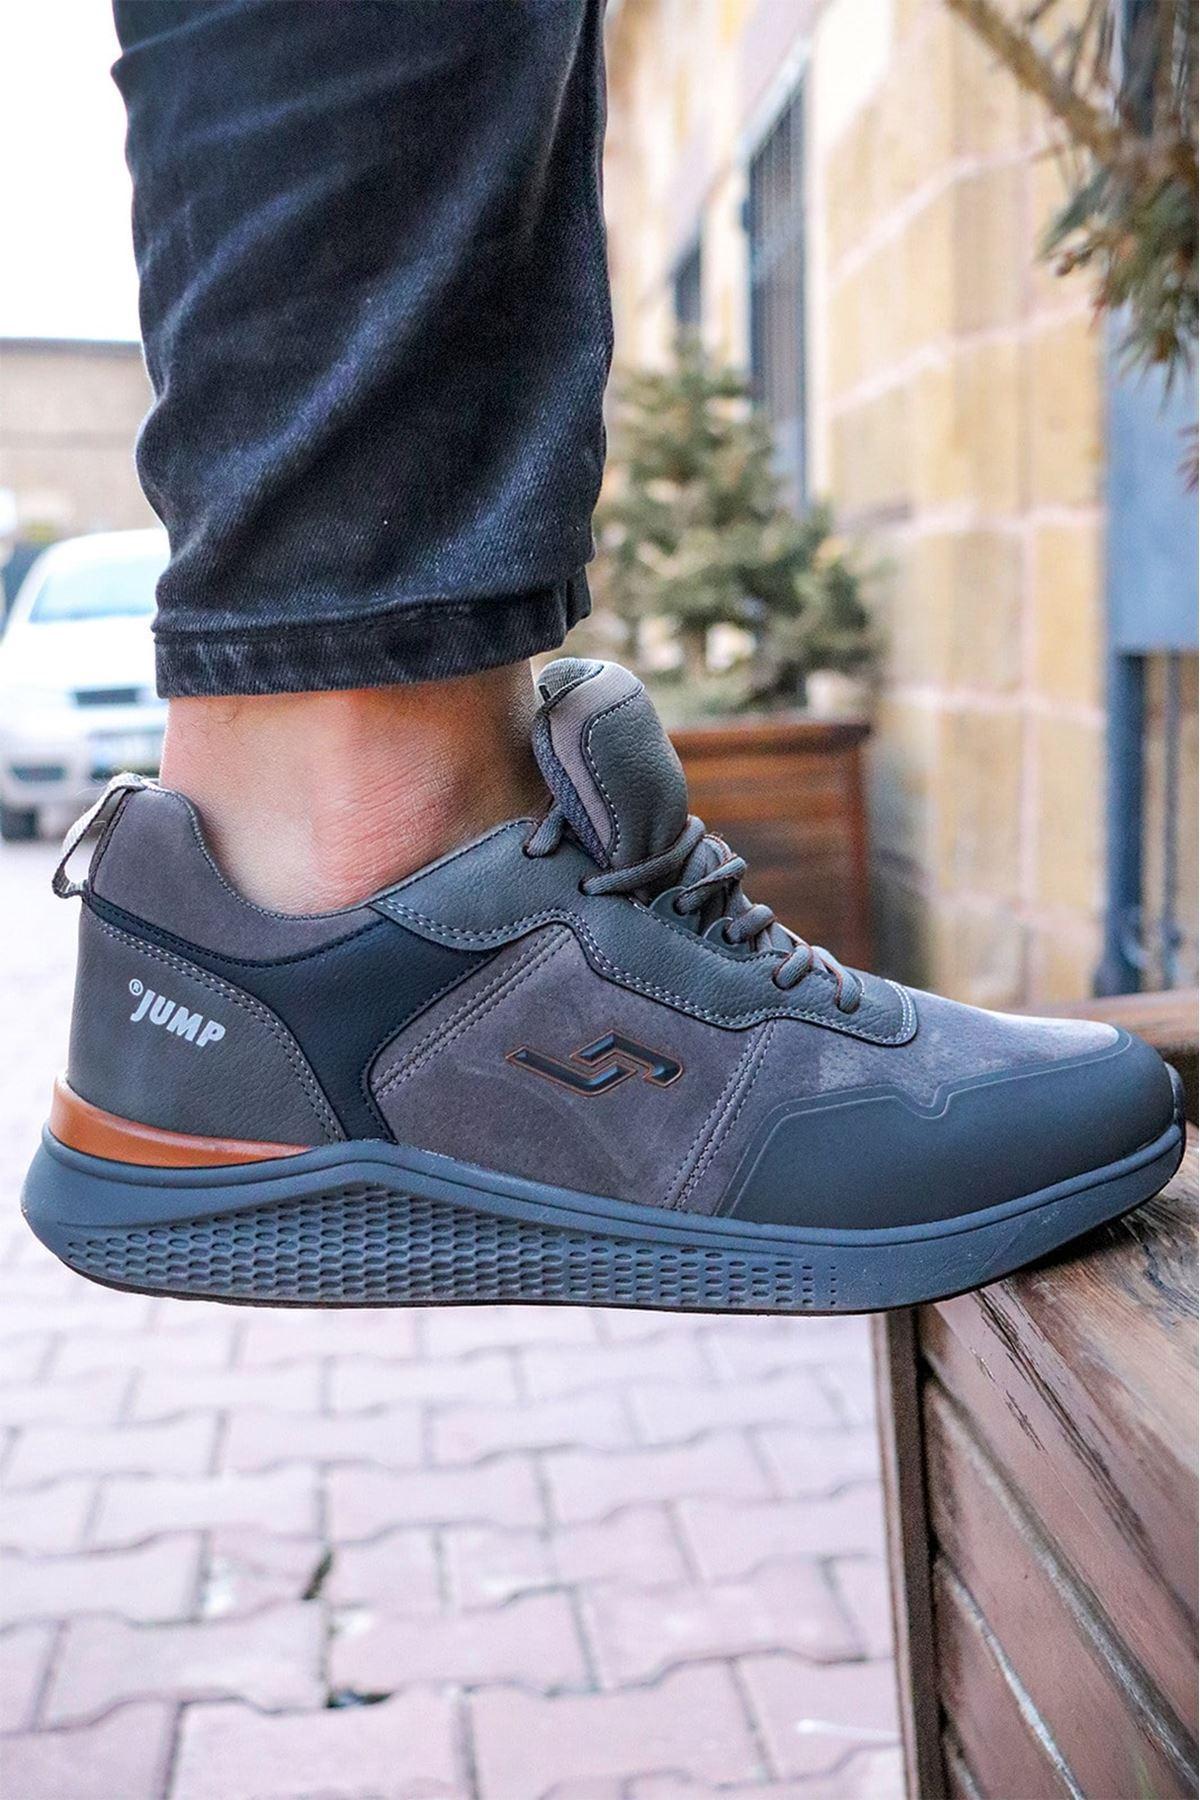 Jump - 25549 Haki Kahve Erkek Spor Ayakkabısı